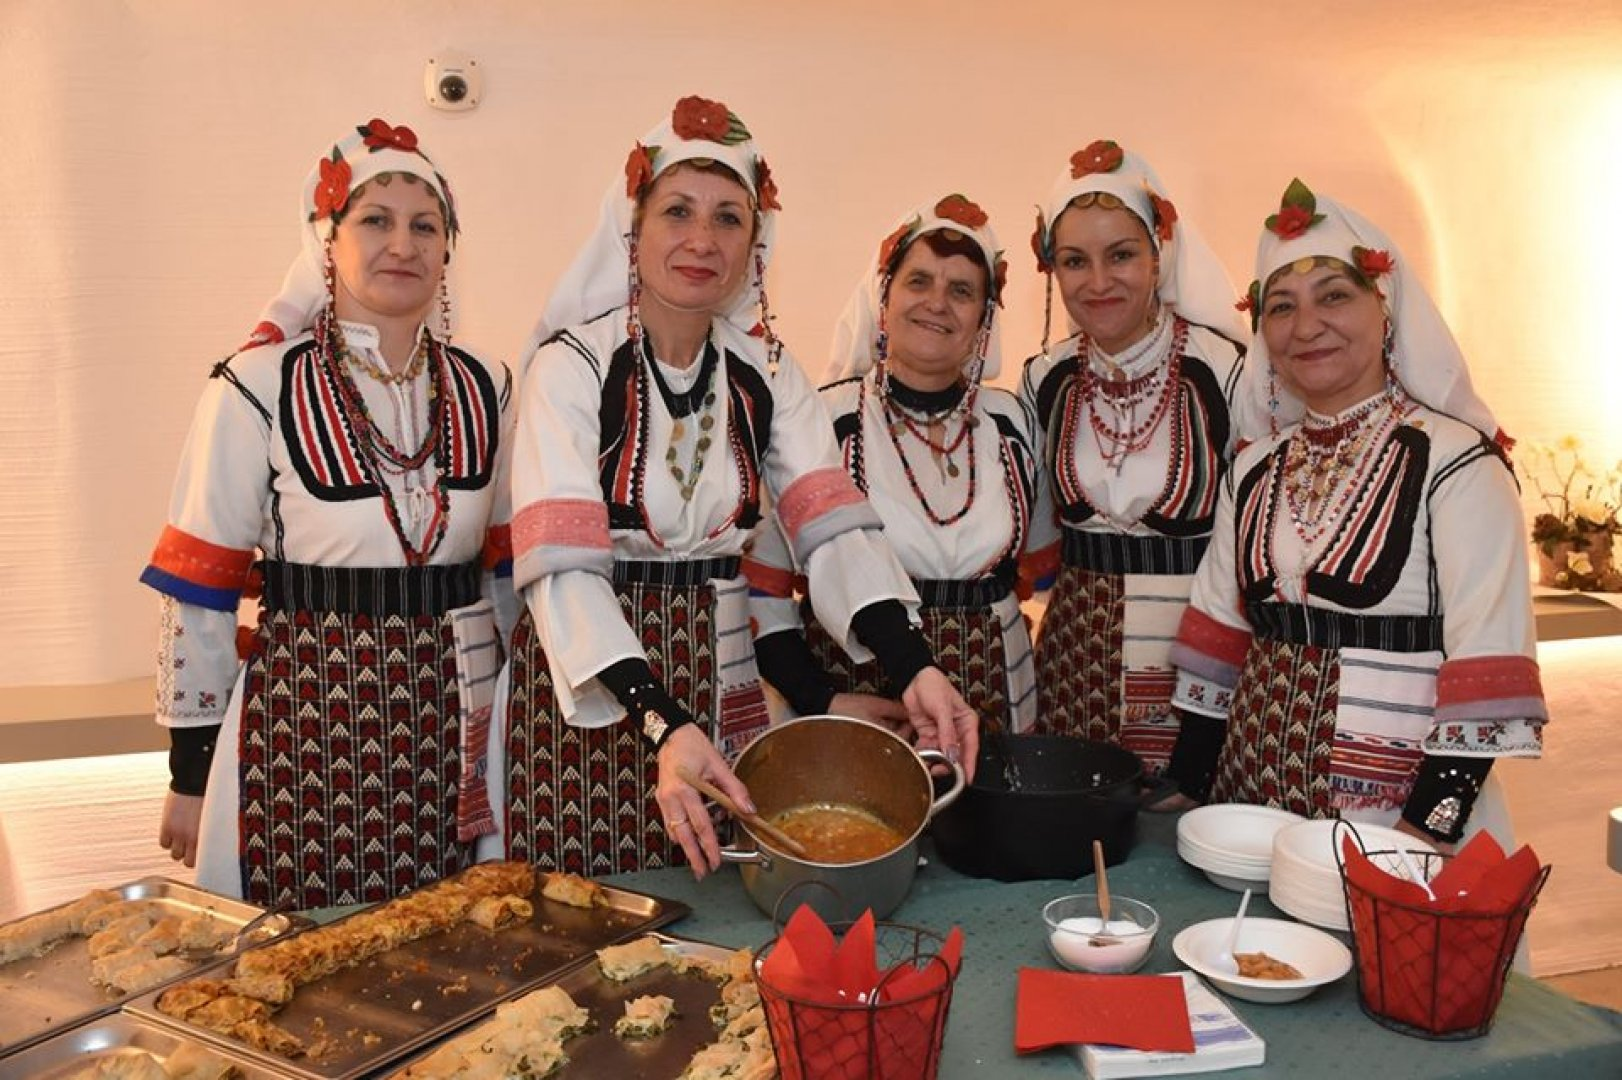 Жените от читалище Просвета 1929 от село Люляково представиха автентичен фолклор пред австрийските домакини. Снимки РИМ - Бургас